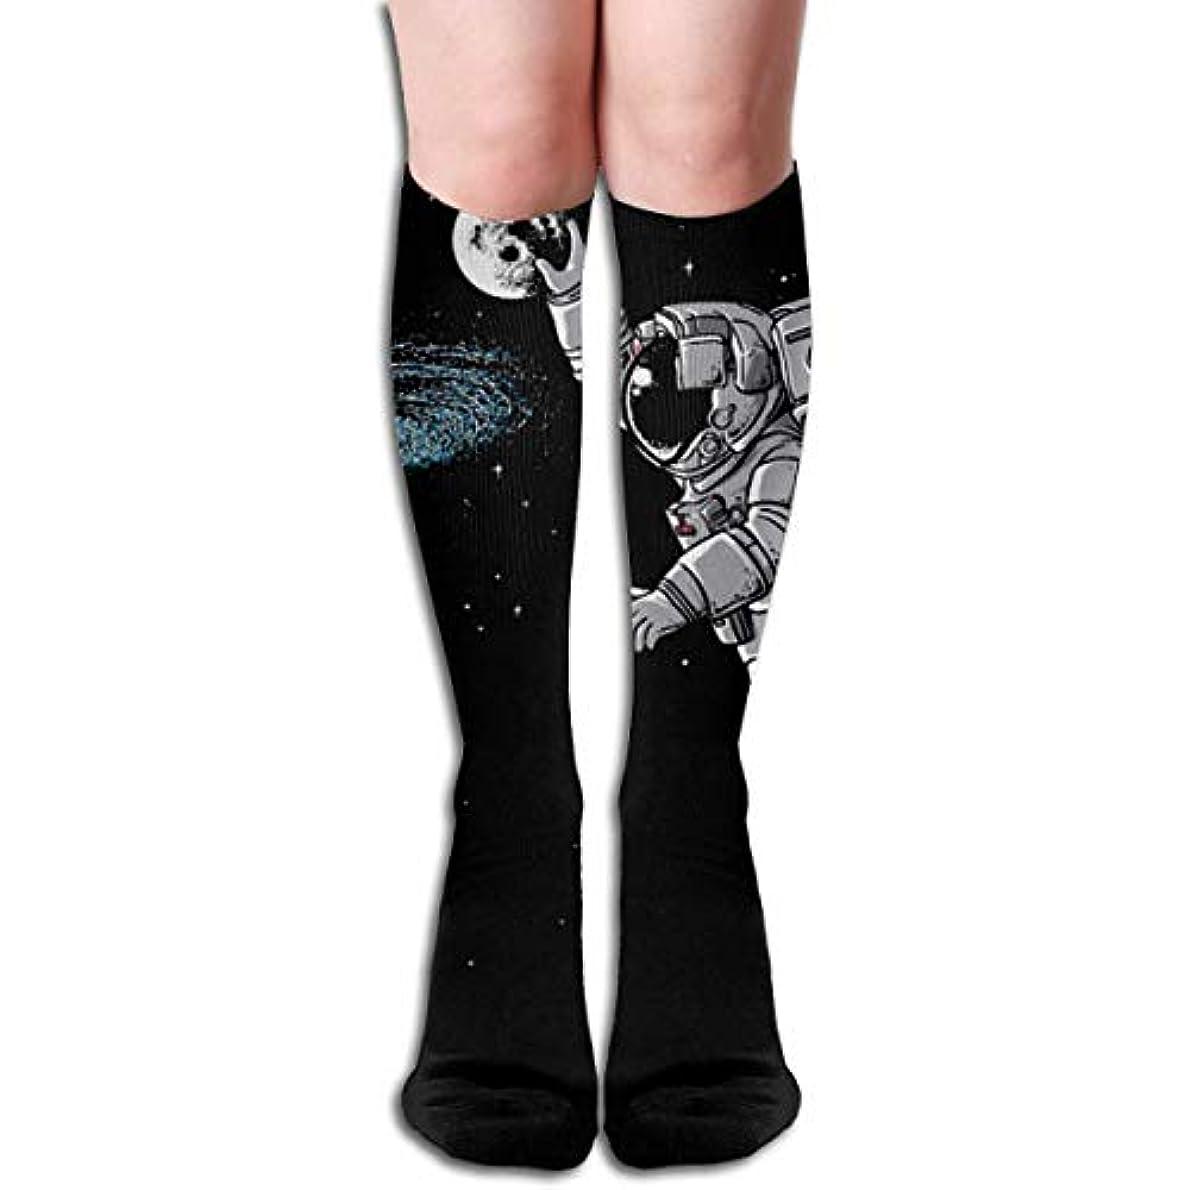 ディベートフリッパートラフィックQrriyクリスマス靴下宇宙飛行士ダンク月銀河の非スリップ家庭床ソックス冬居心地の良いスリッパ靴下女性男性